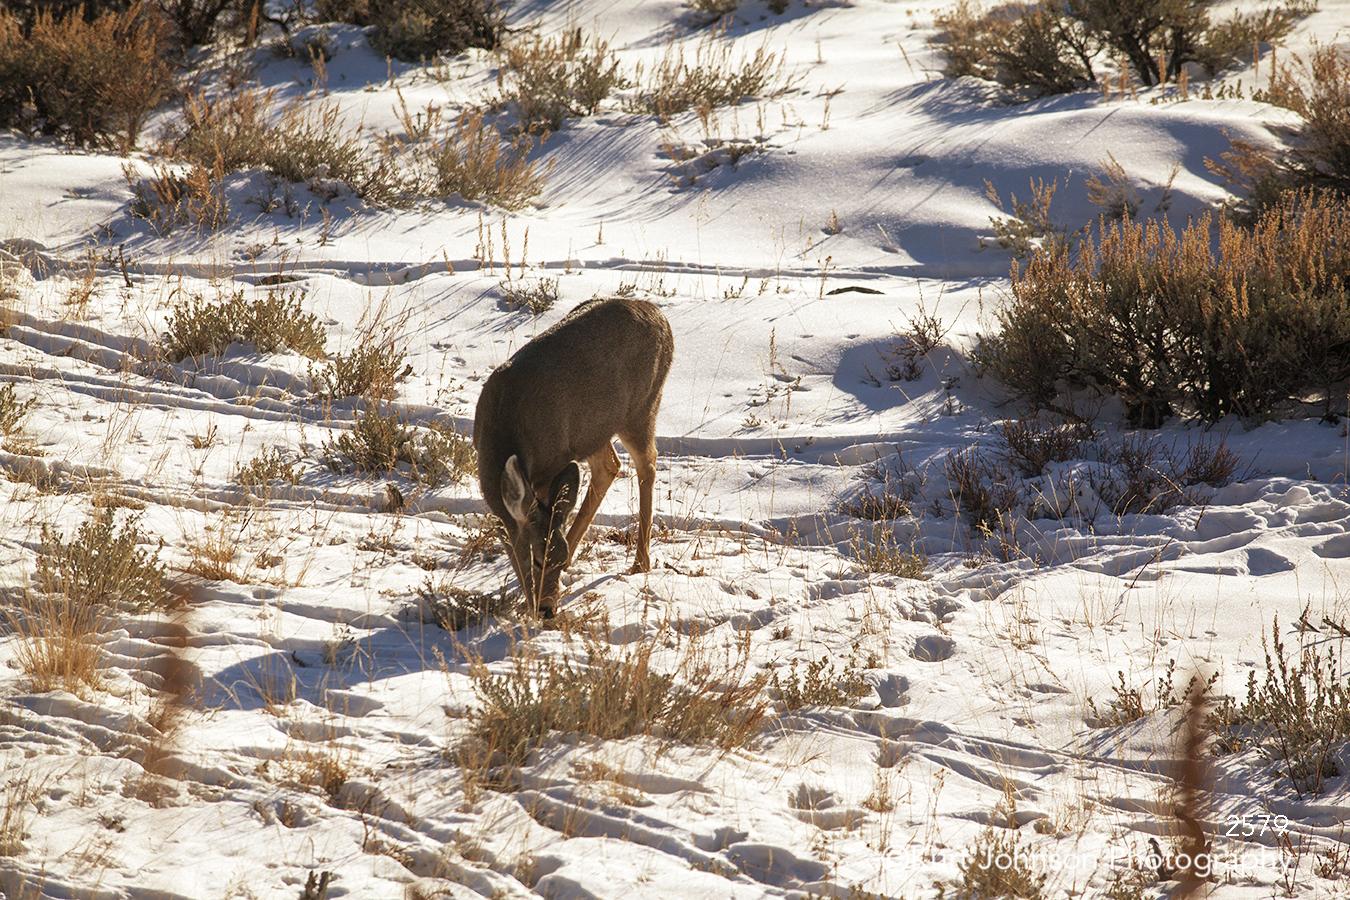 brown deer animal wildlife field winter snow landscape children cute children's art